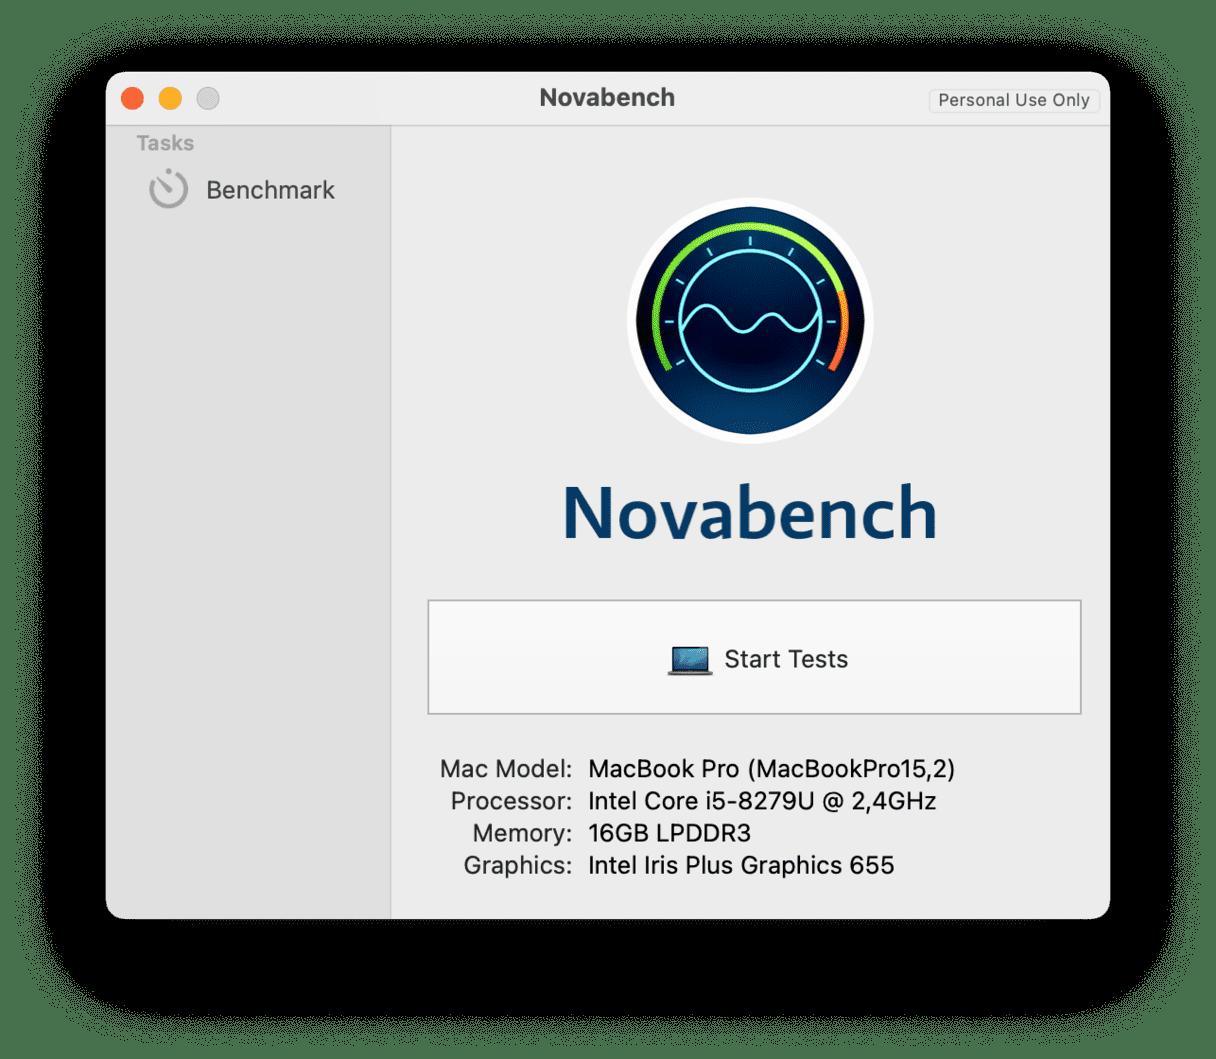 Novabench app interface